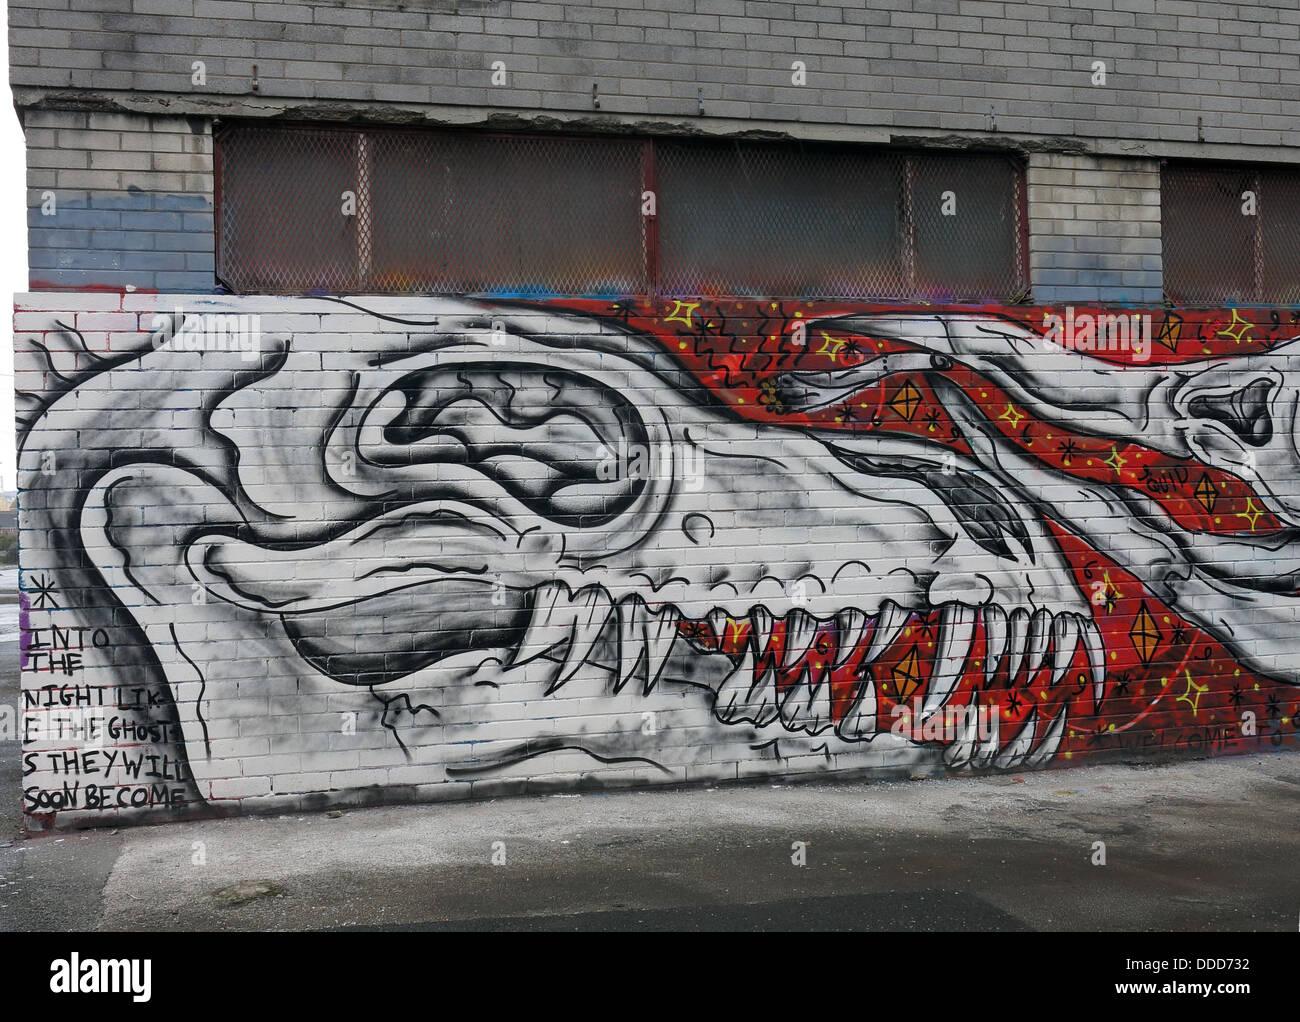 Laden Sie dieses Alamy Stockfoto Graffiti auf leere Bürogebäude, Obere Parliament Street, Liverpool, Merseyside, North West England, Großbritannien - DDD732